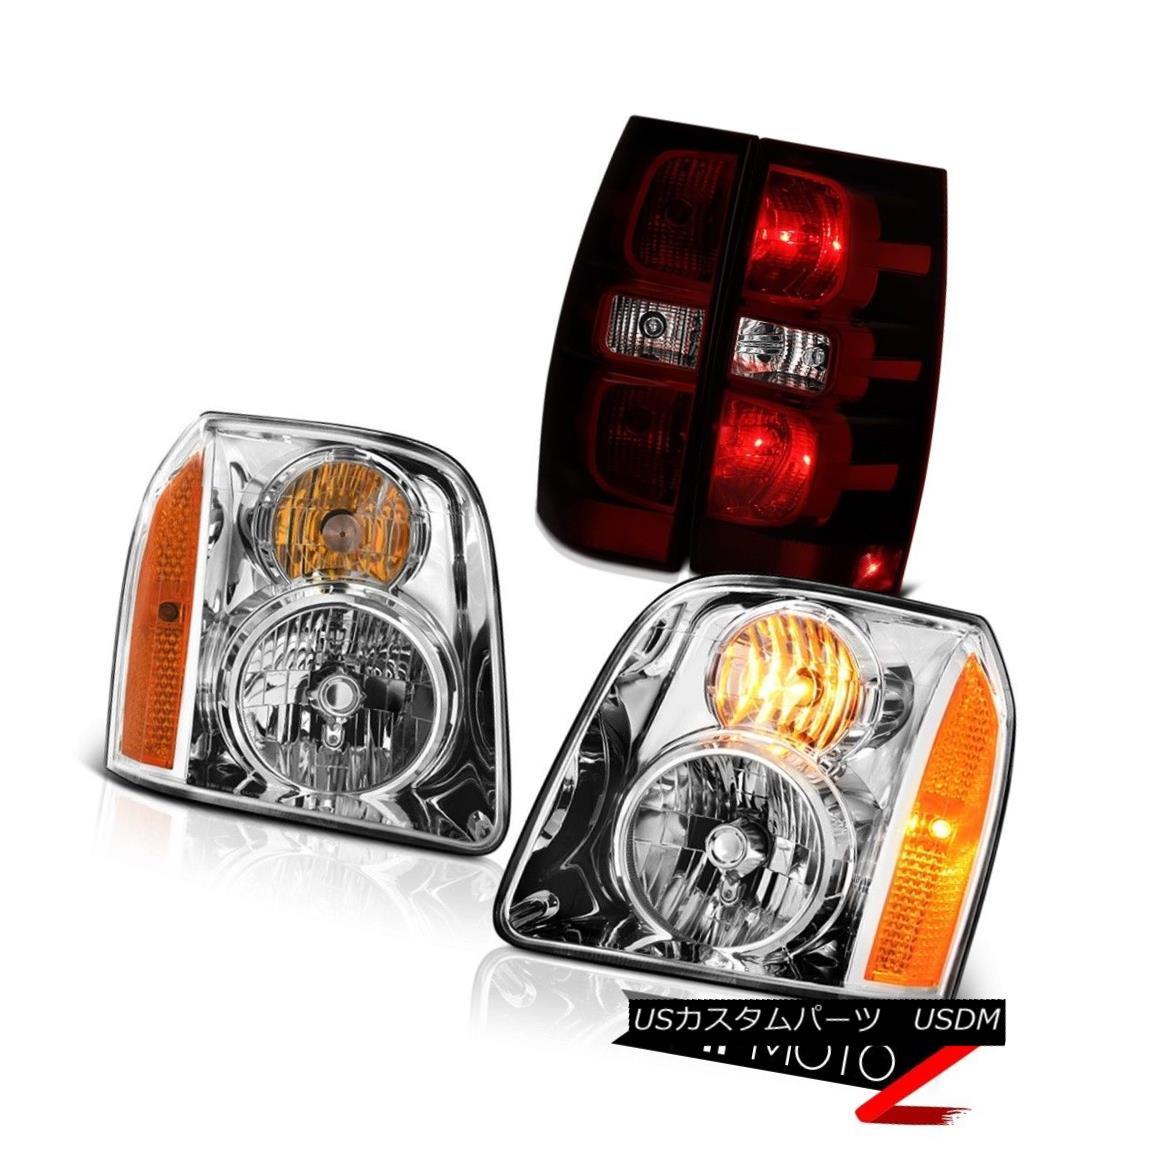 テールライト 2007-2014 GMC Yukon XL SLE Tail Lamps Euro Clear Headlights OE Style Replacement 2007-2014 GMCユーコンXL SLEテールランプユーロクリアヘッドライトOEスタイルの交換